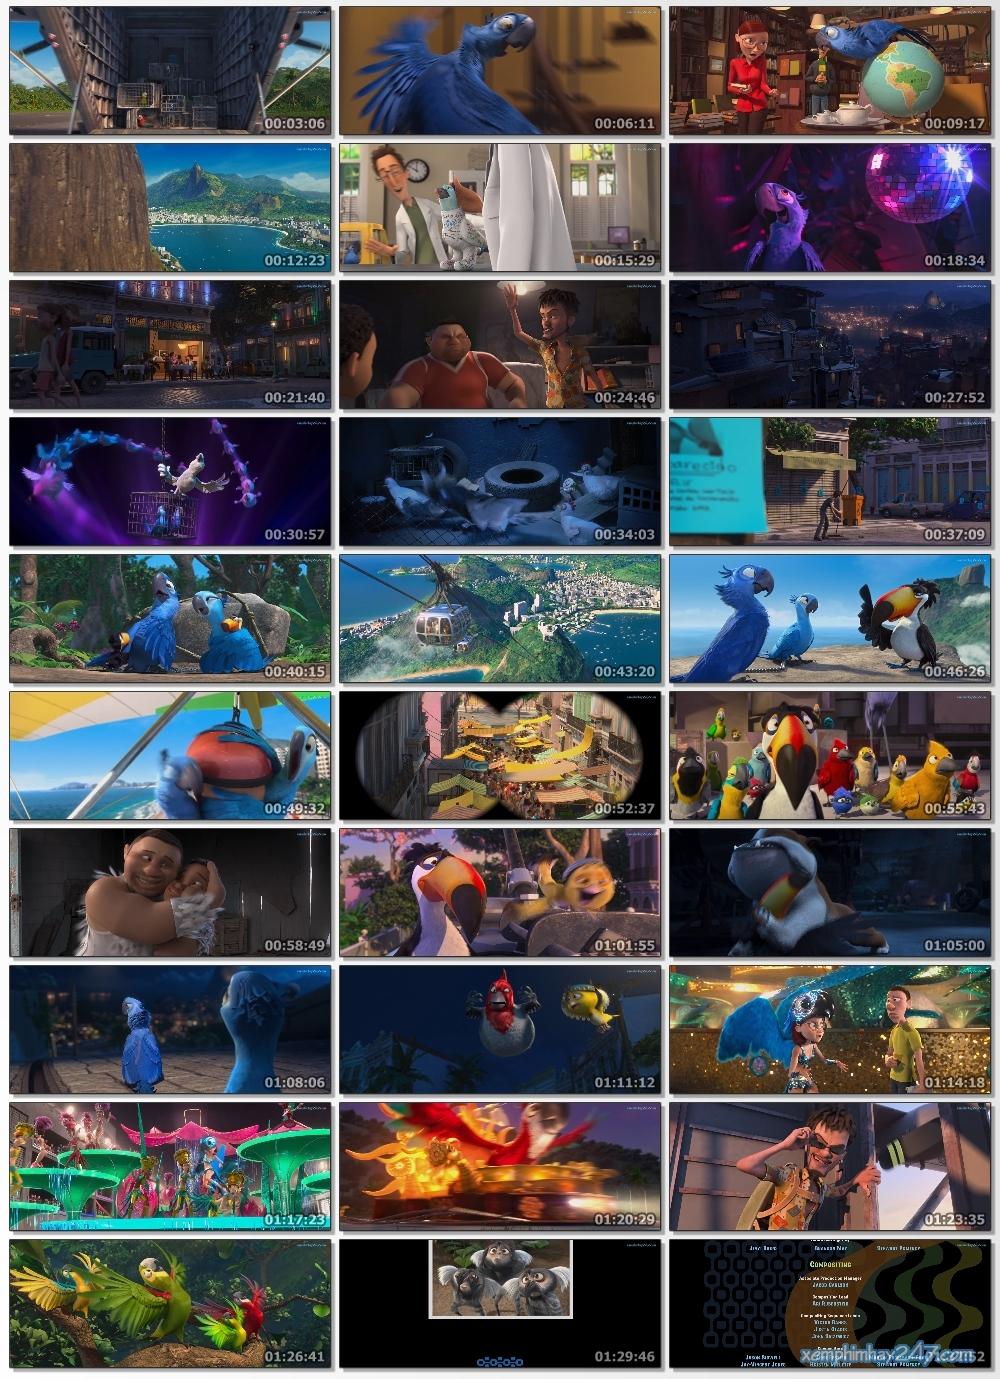 http://xemphimhay247.com - Xem phim hay 247 - Vẹt Đuôi Dài (2011) - Rio (2011)